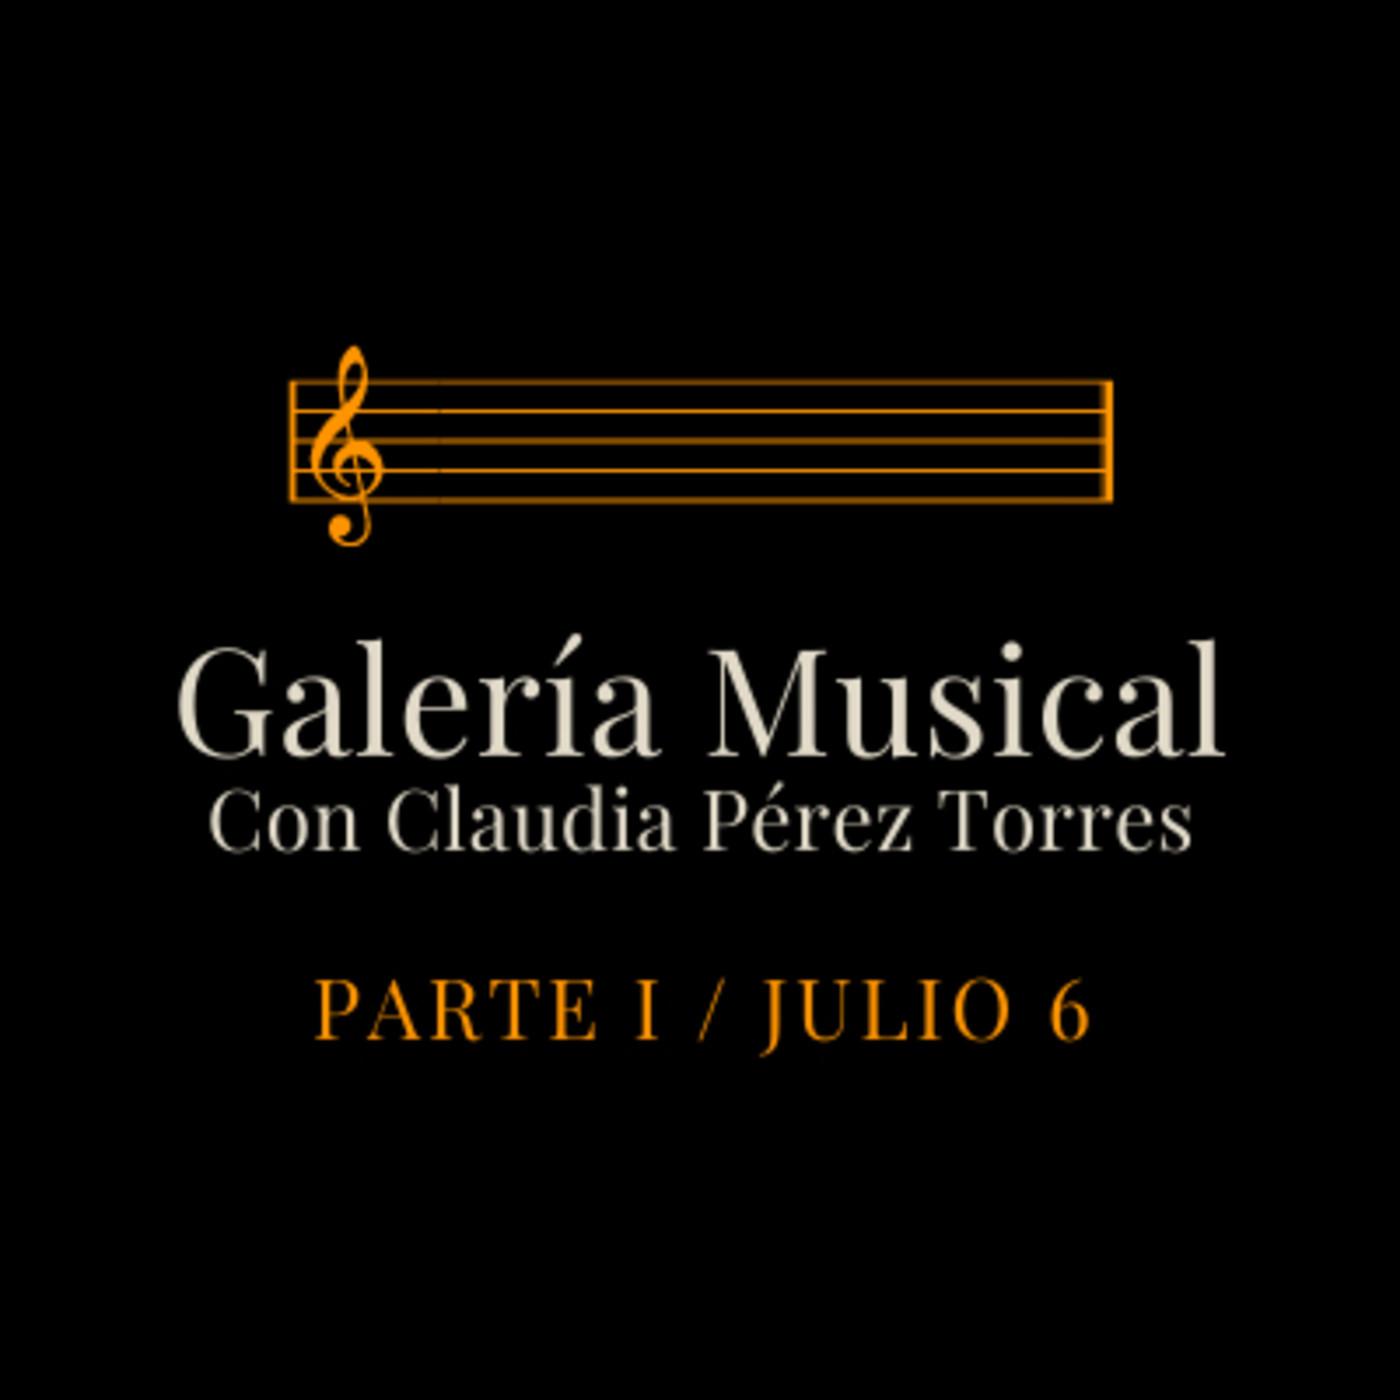 Galería Musical PARTE 1 / JUL 06